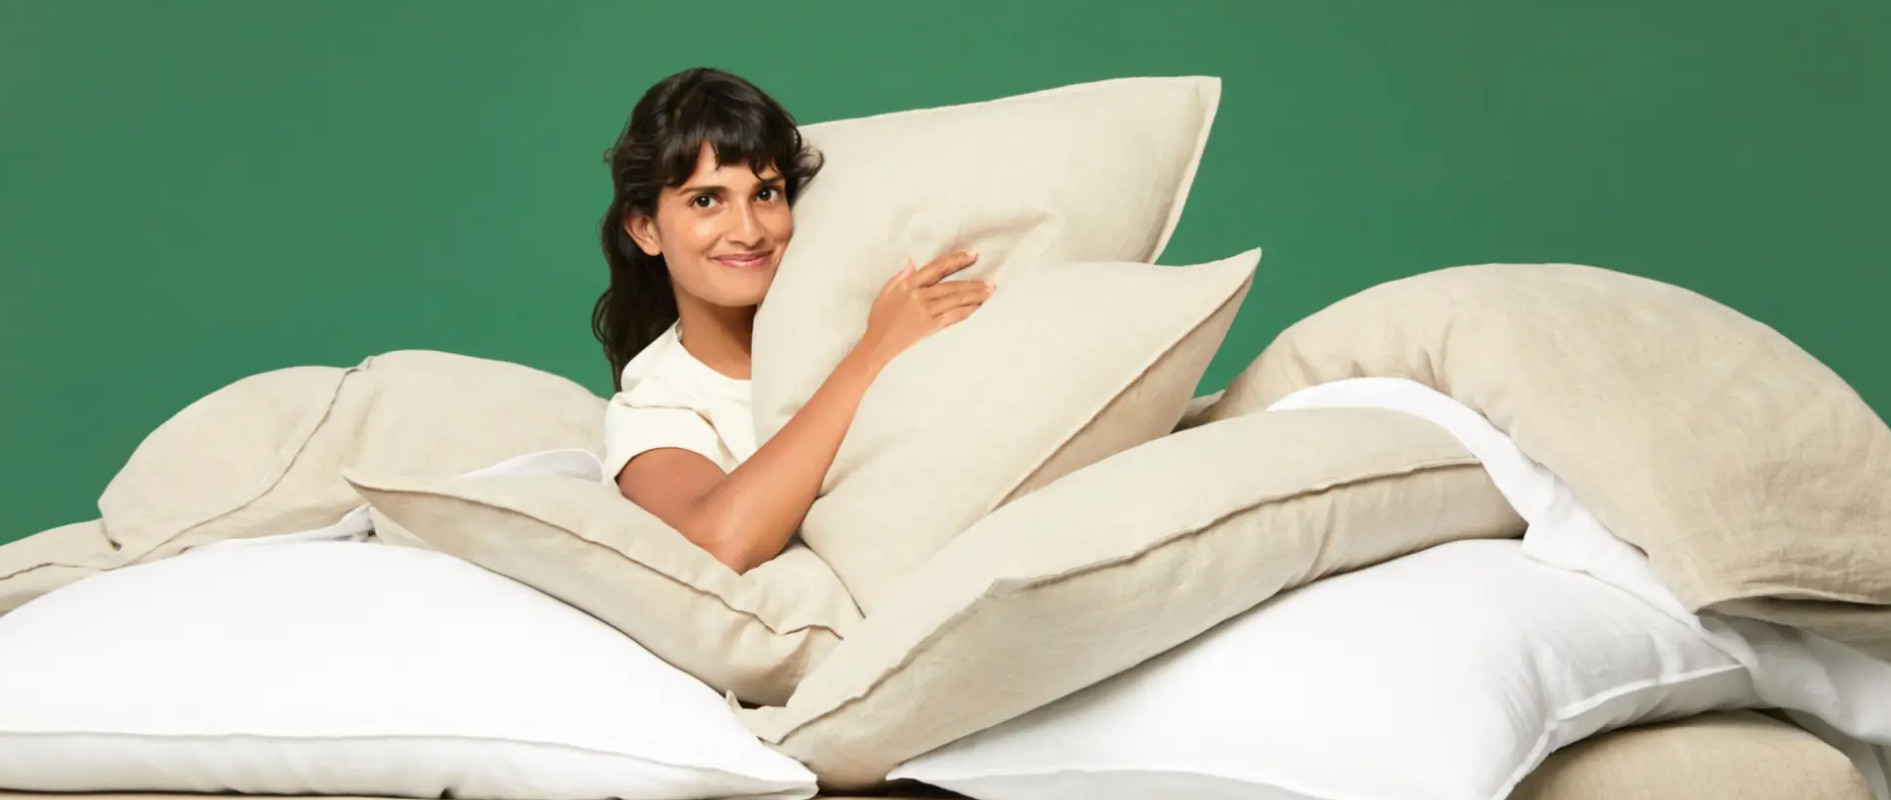 buffy soft hemp linen sheets